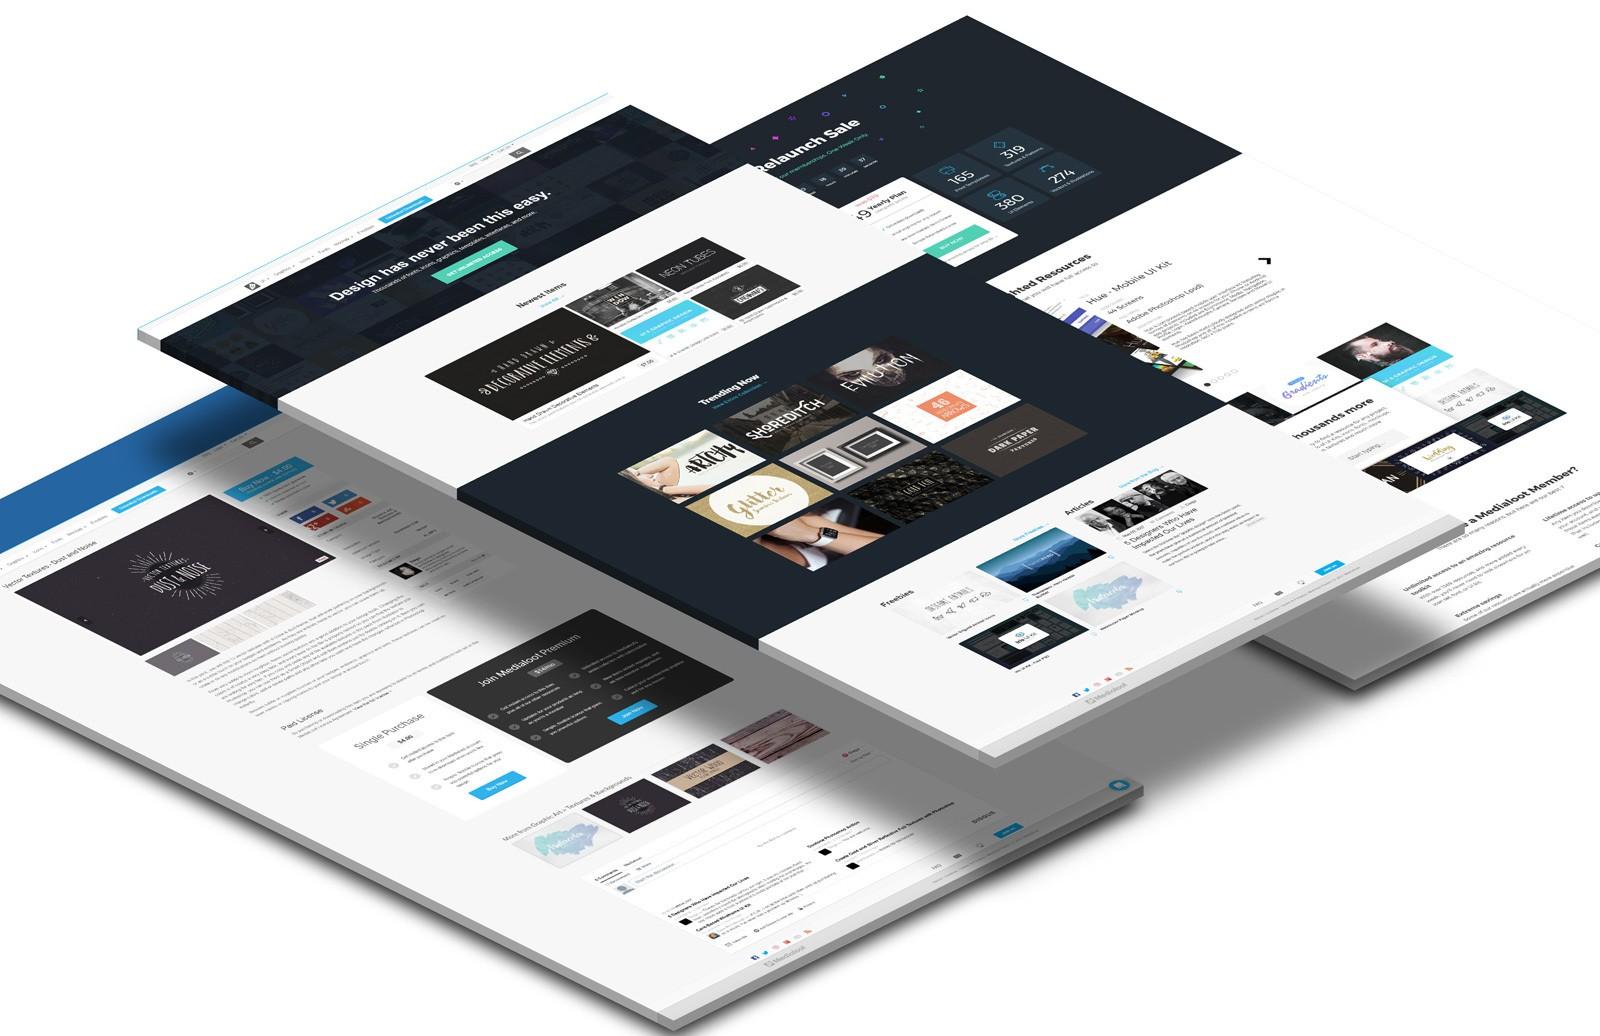 вверху сайты с дизайнерскими картинками лапы